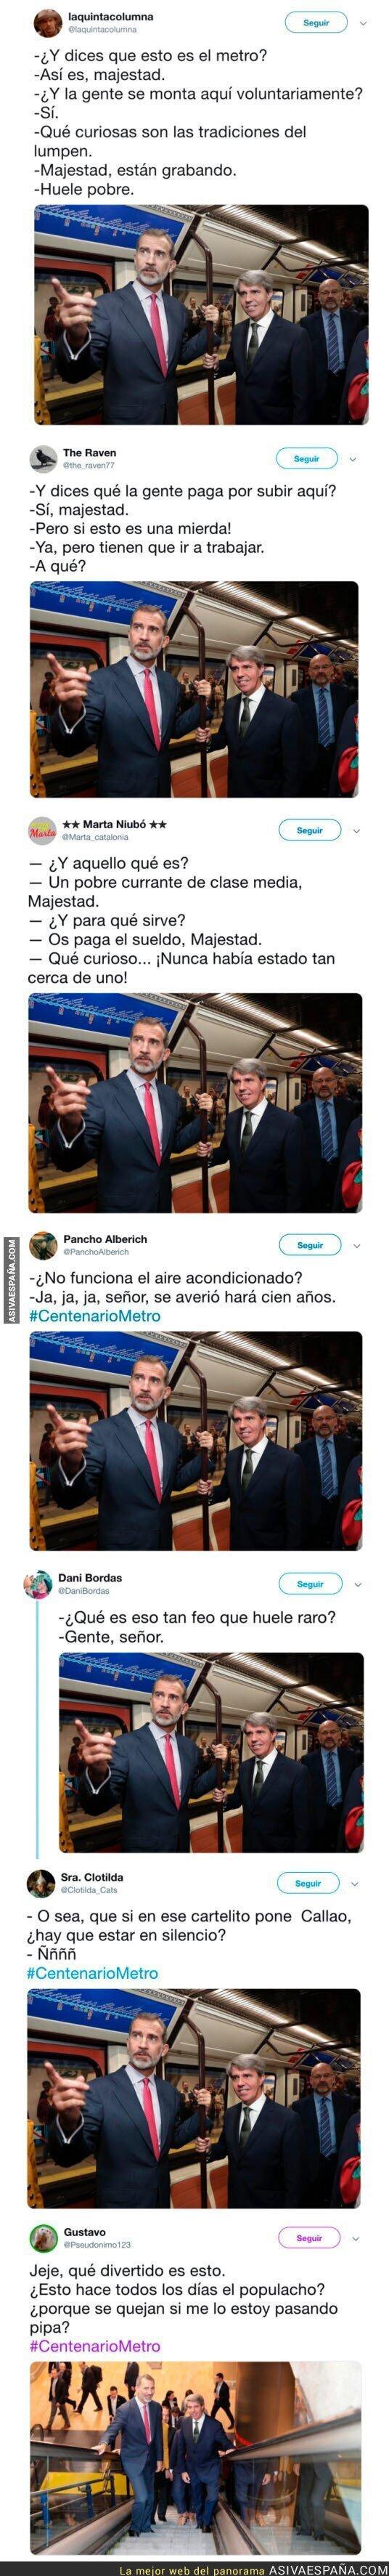 95348 - El Rey Felipe VI se sube al metro y Twitter se llena de memes